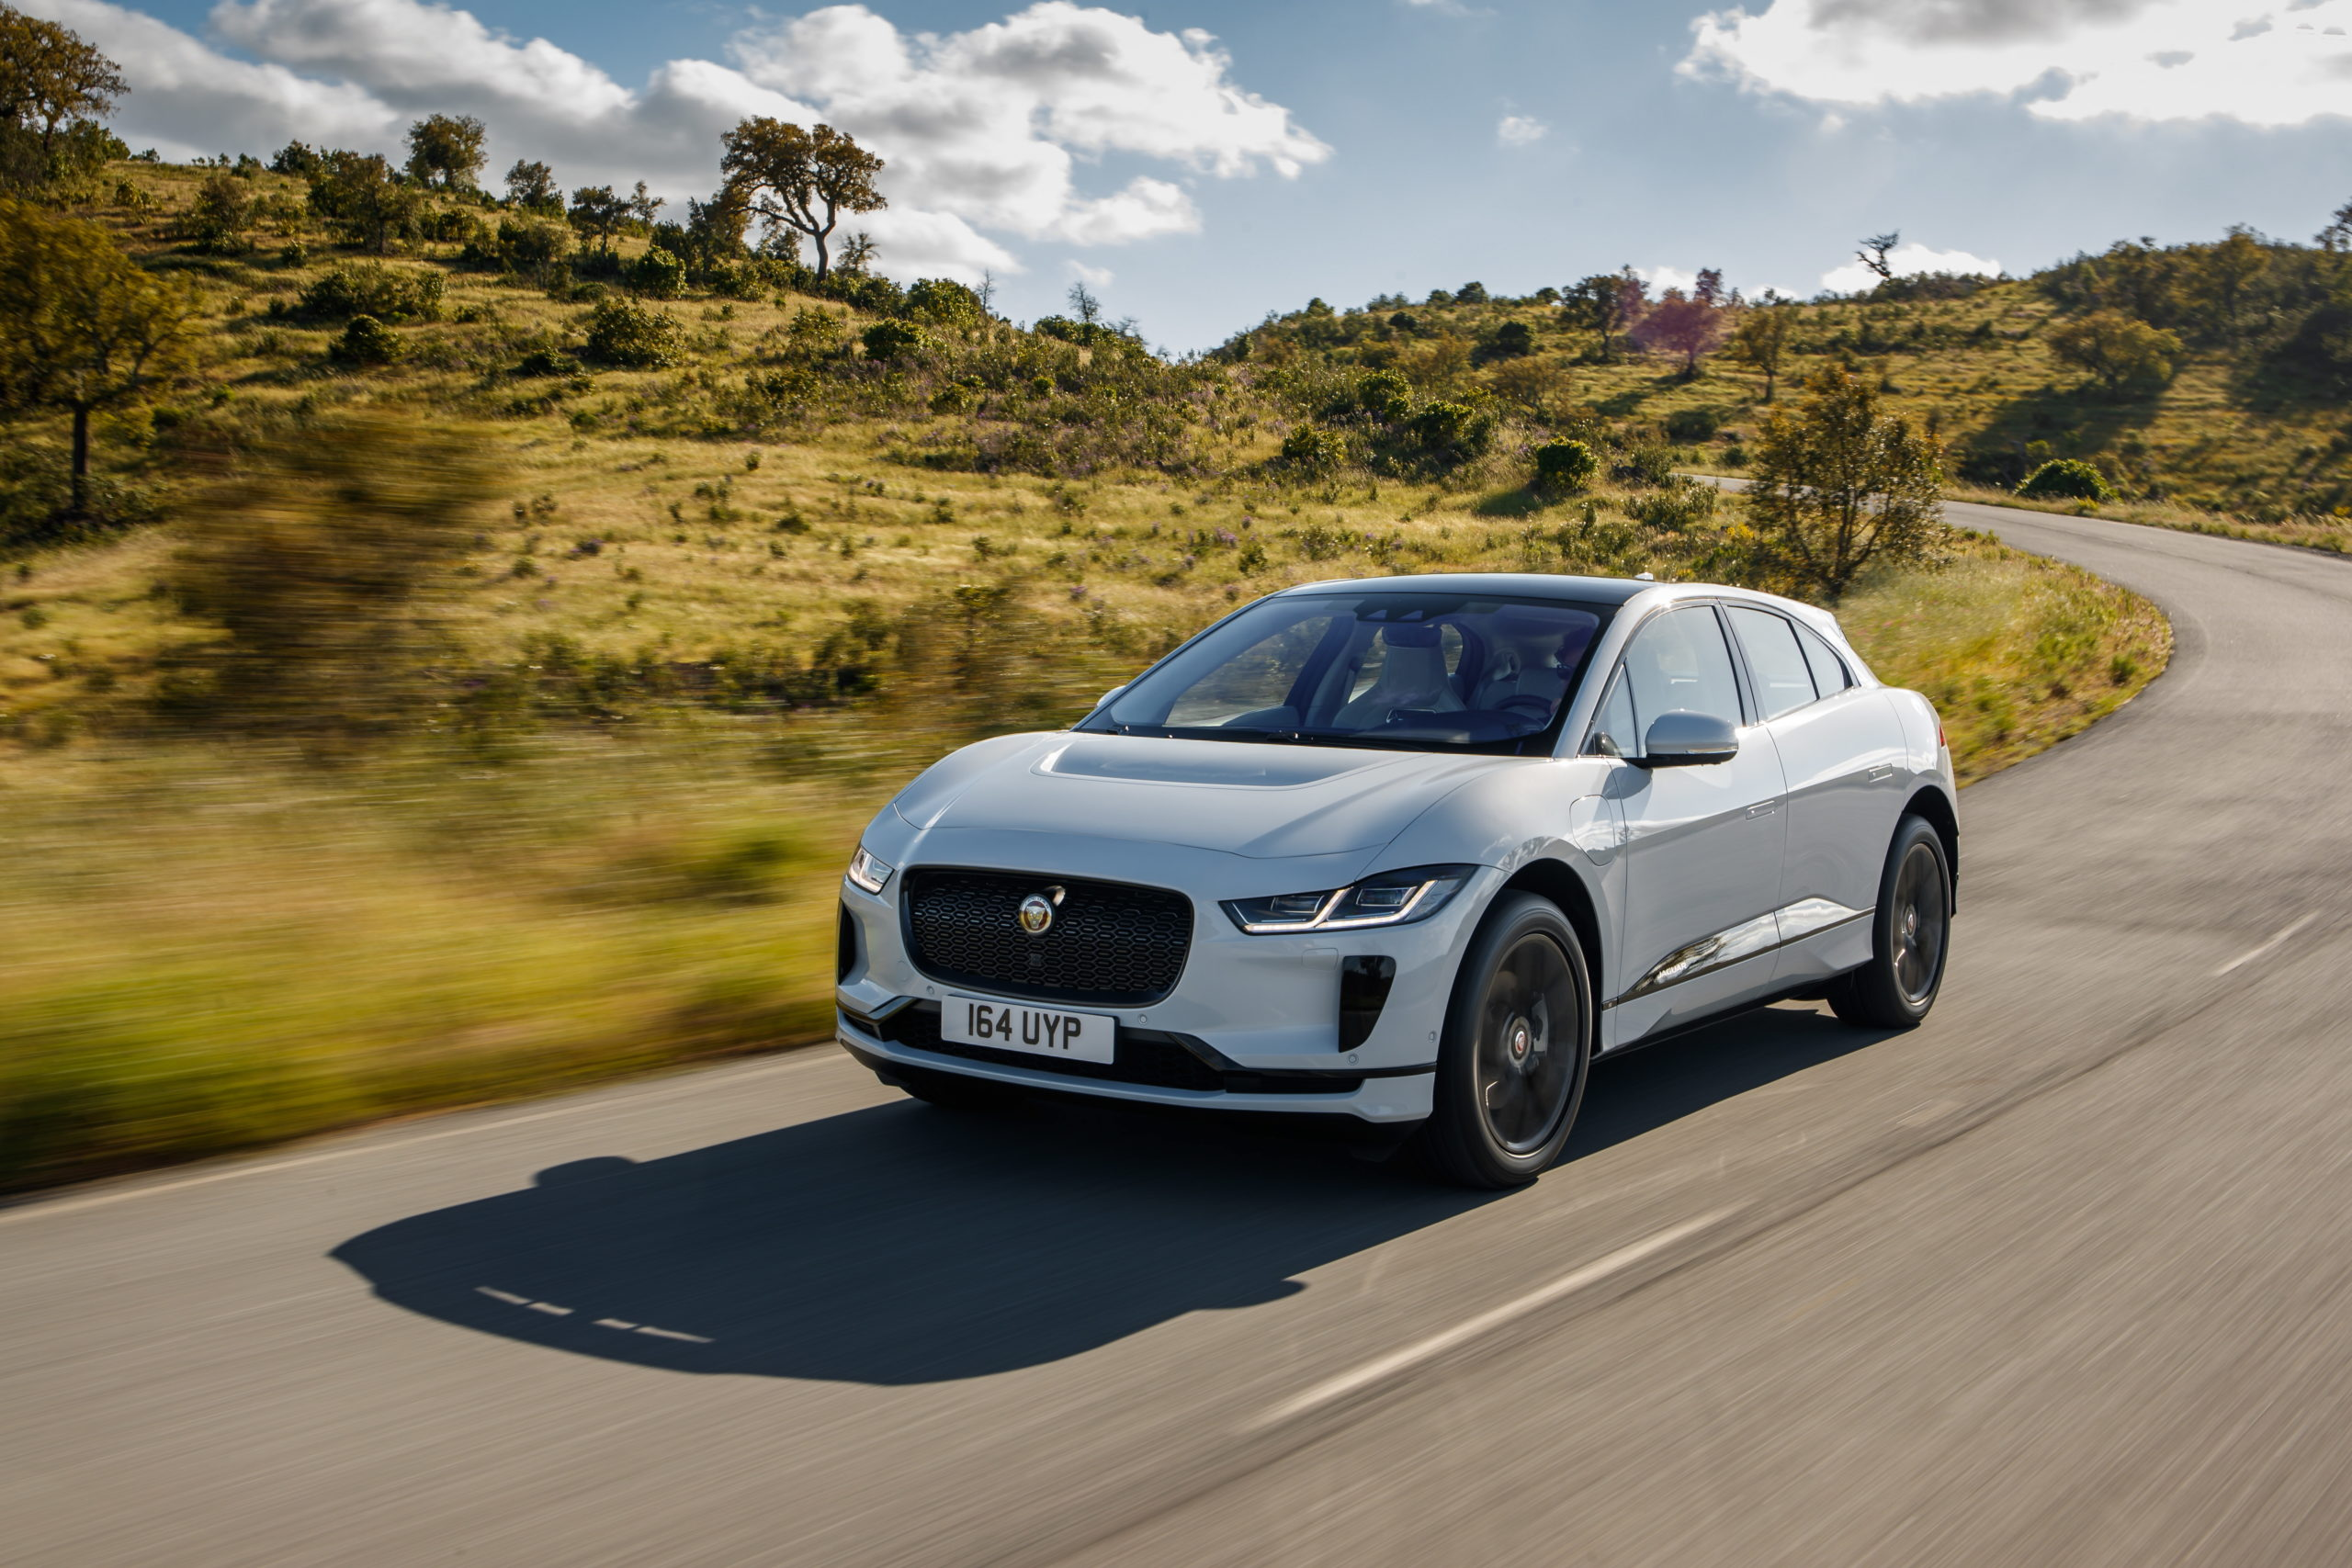 Jaguar и Panasonic провели экологический фототур Eneloop Journey